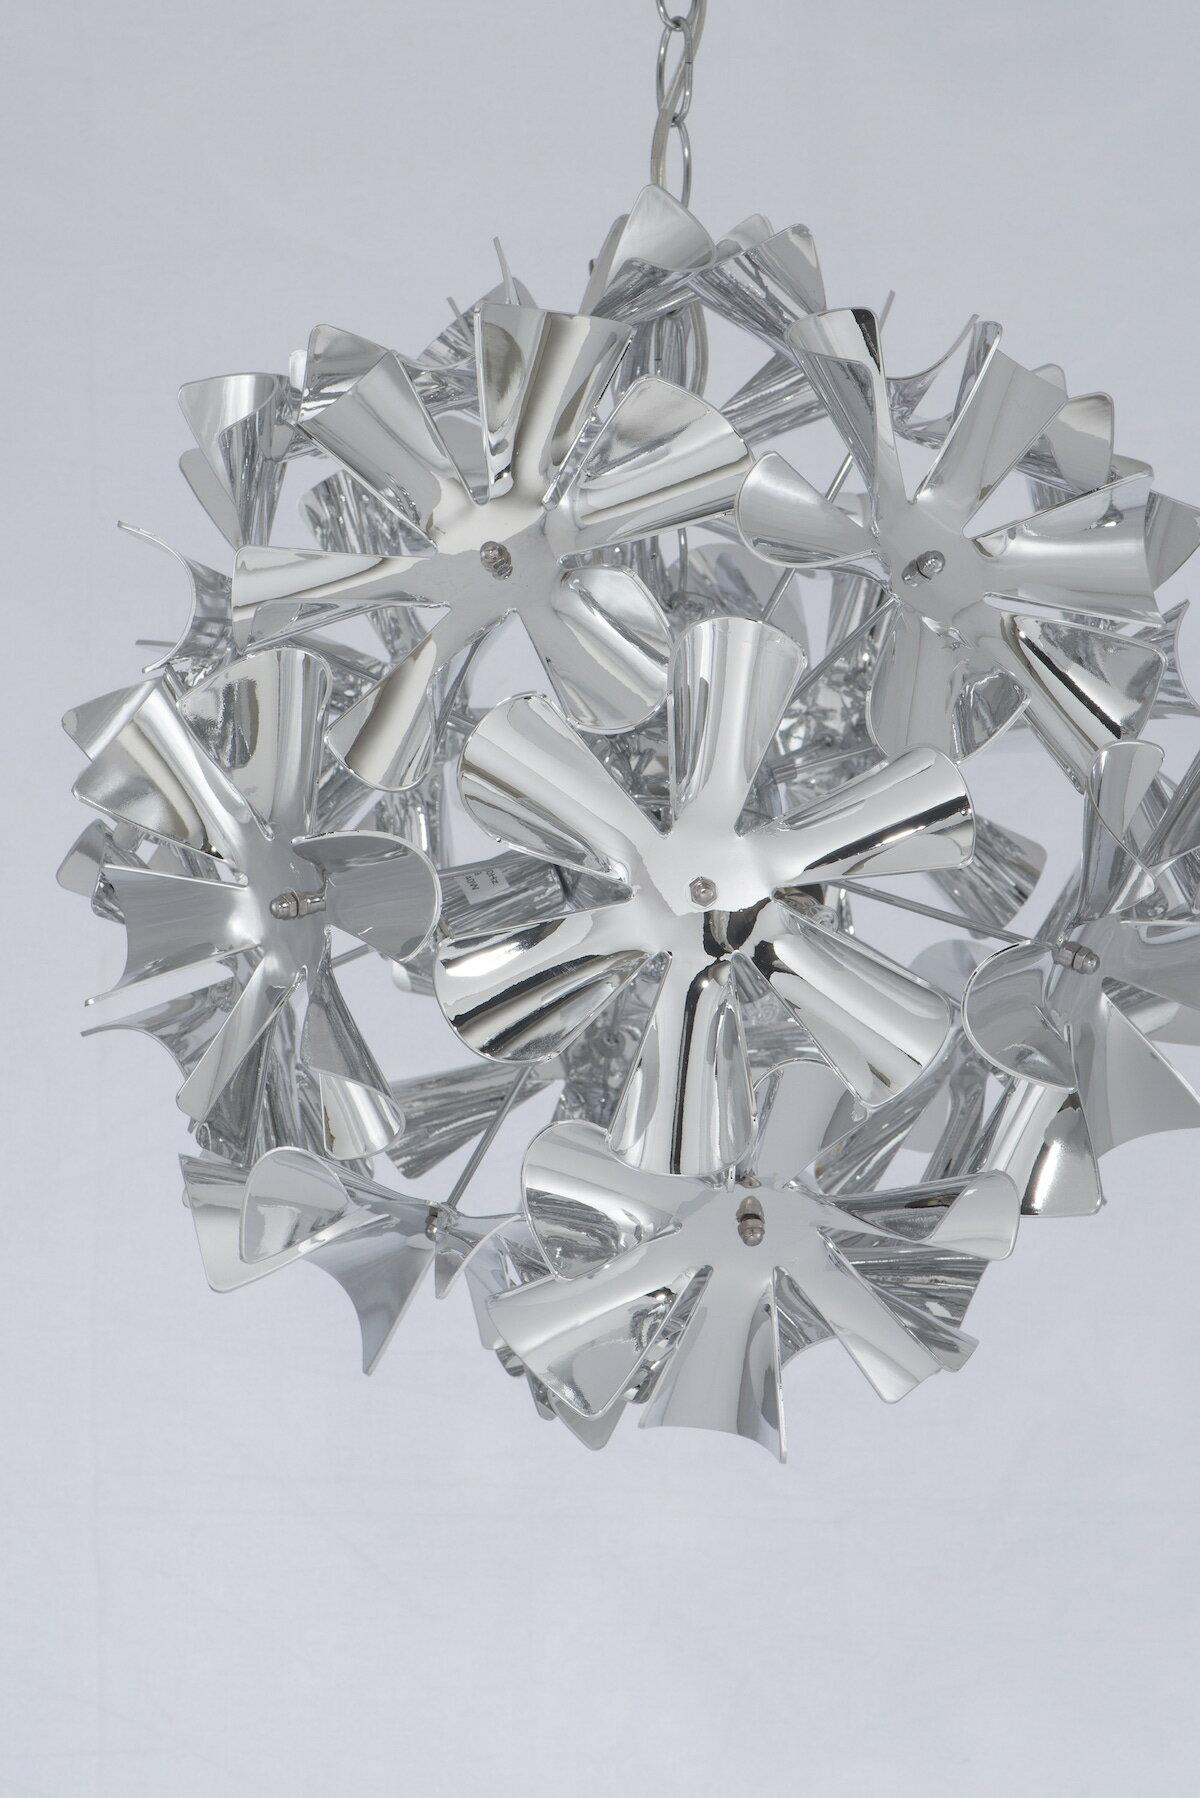 鍍鉻波浪花紋吊燈-BNL00052 0